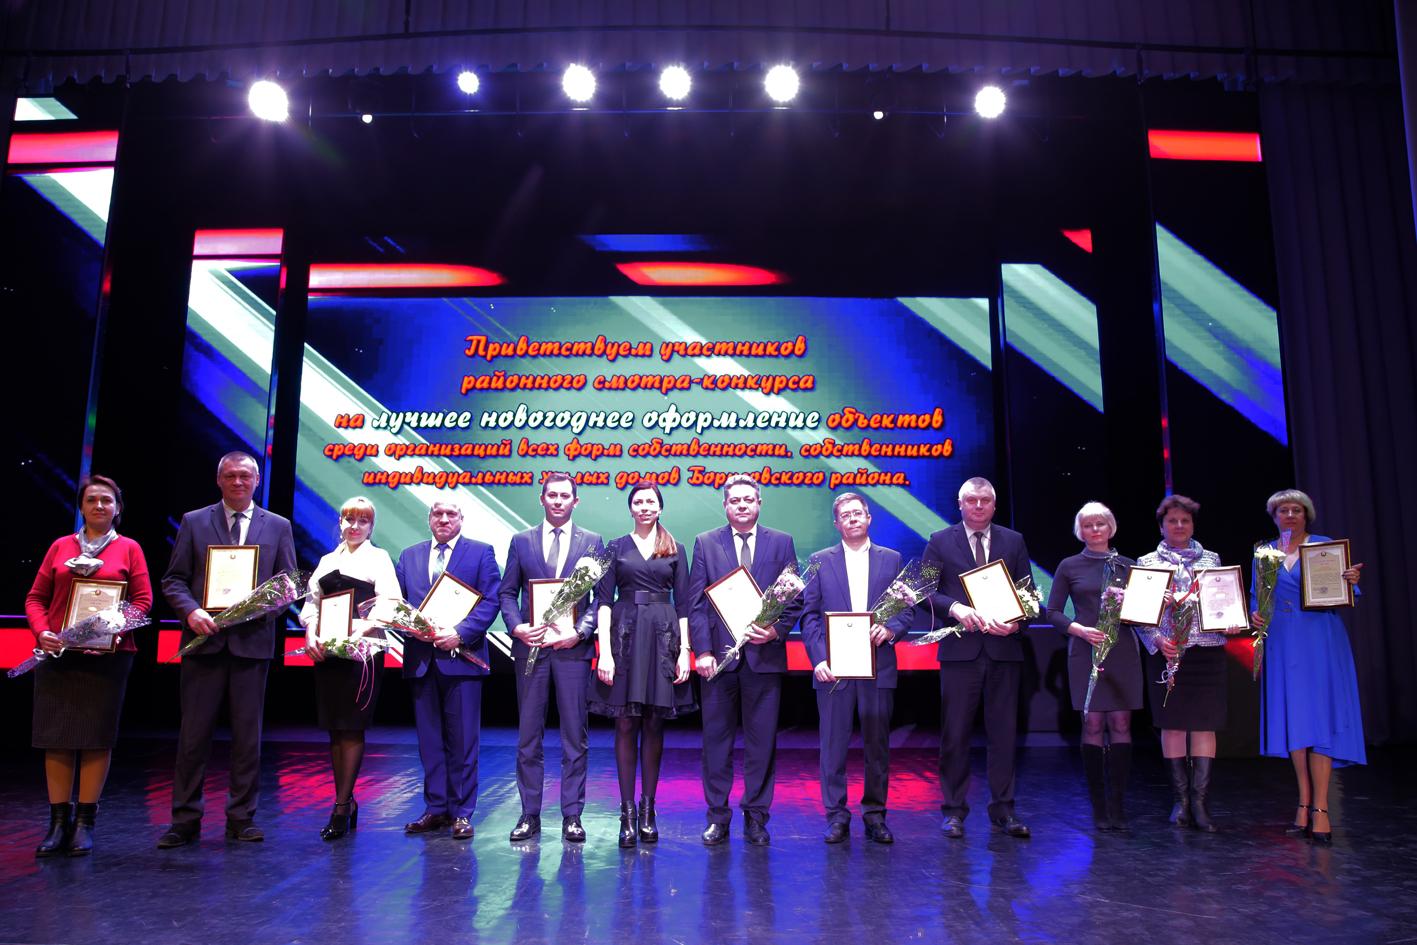 В Борисове наградили участников районного смотра-конкурса на лучшее новогоднее оформление объектов 3